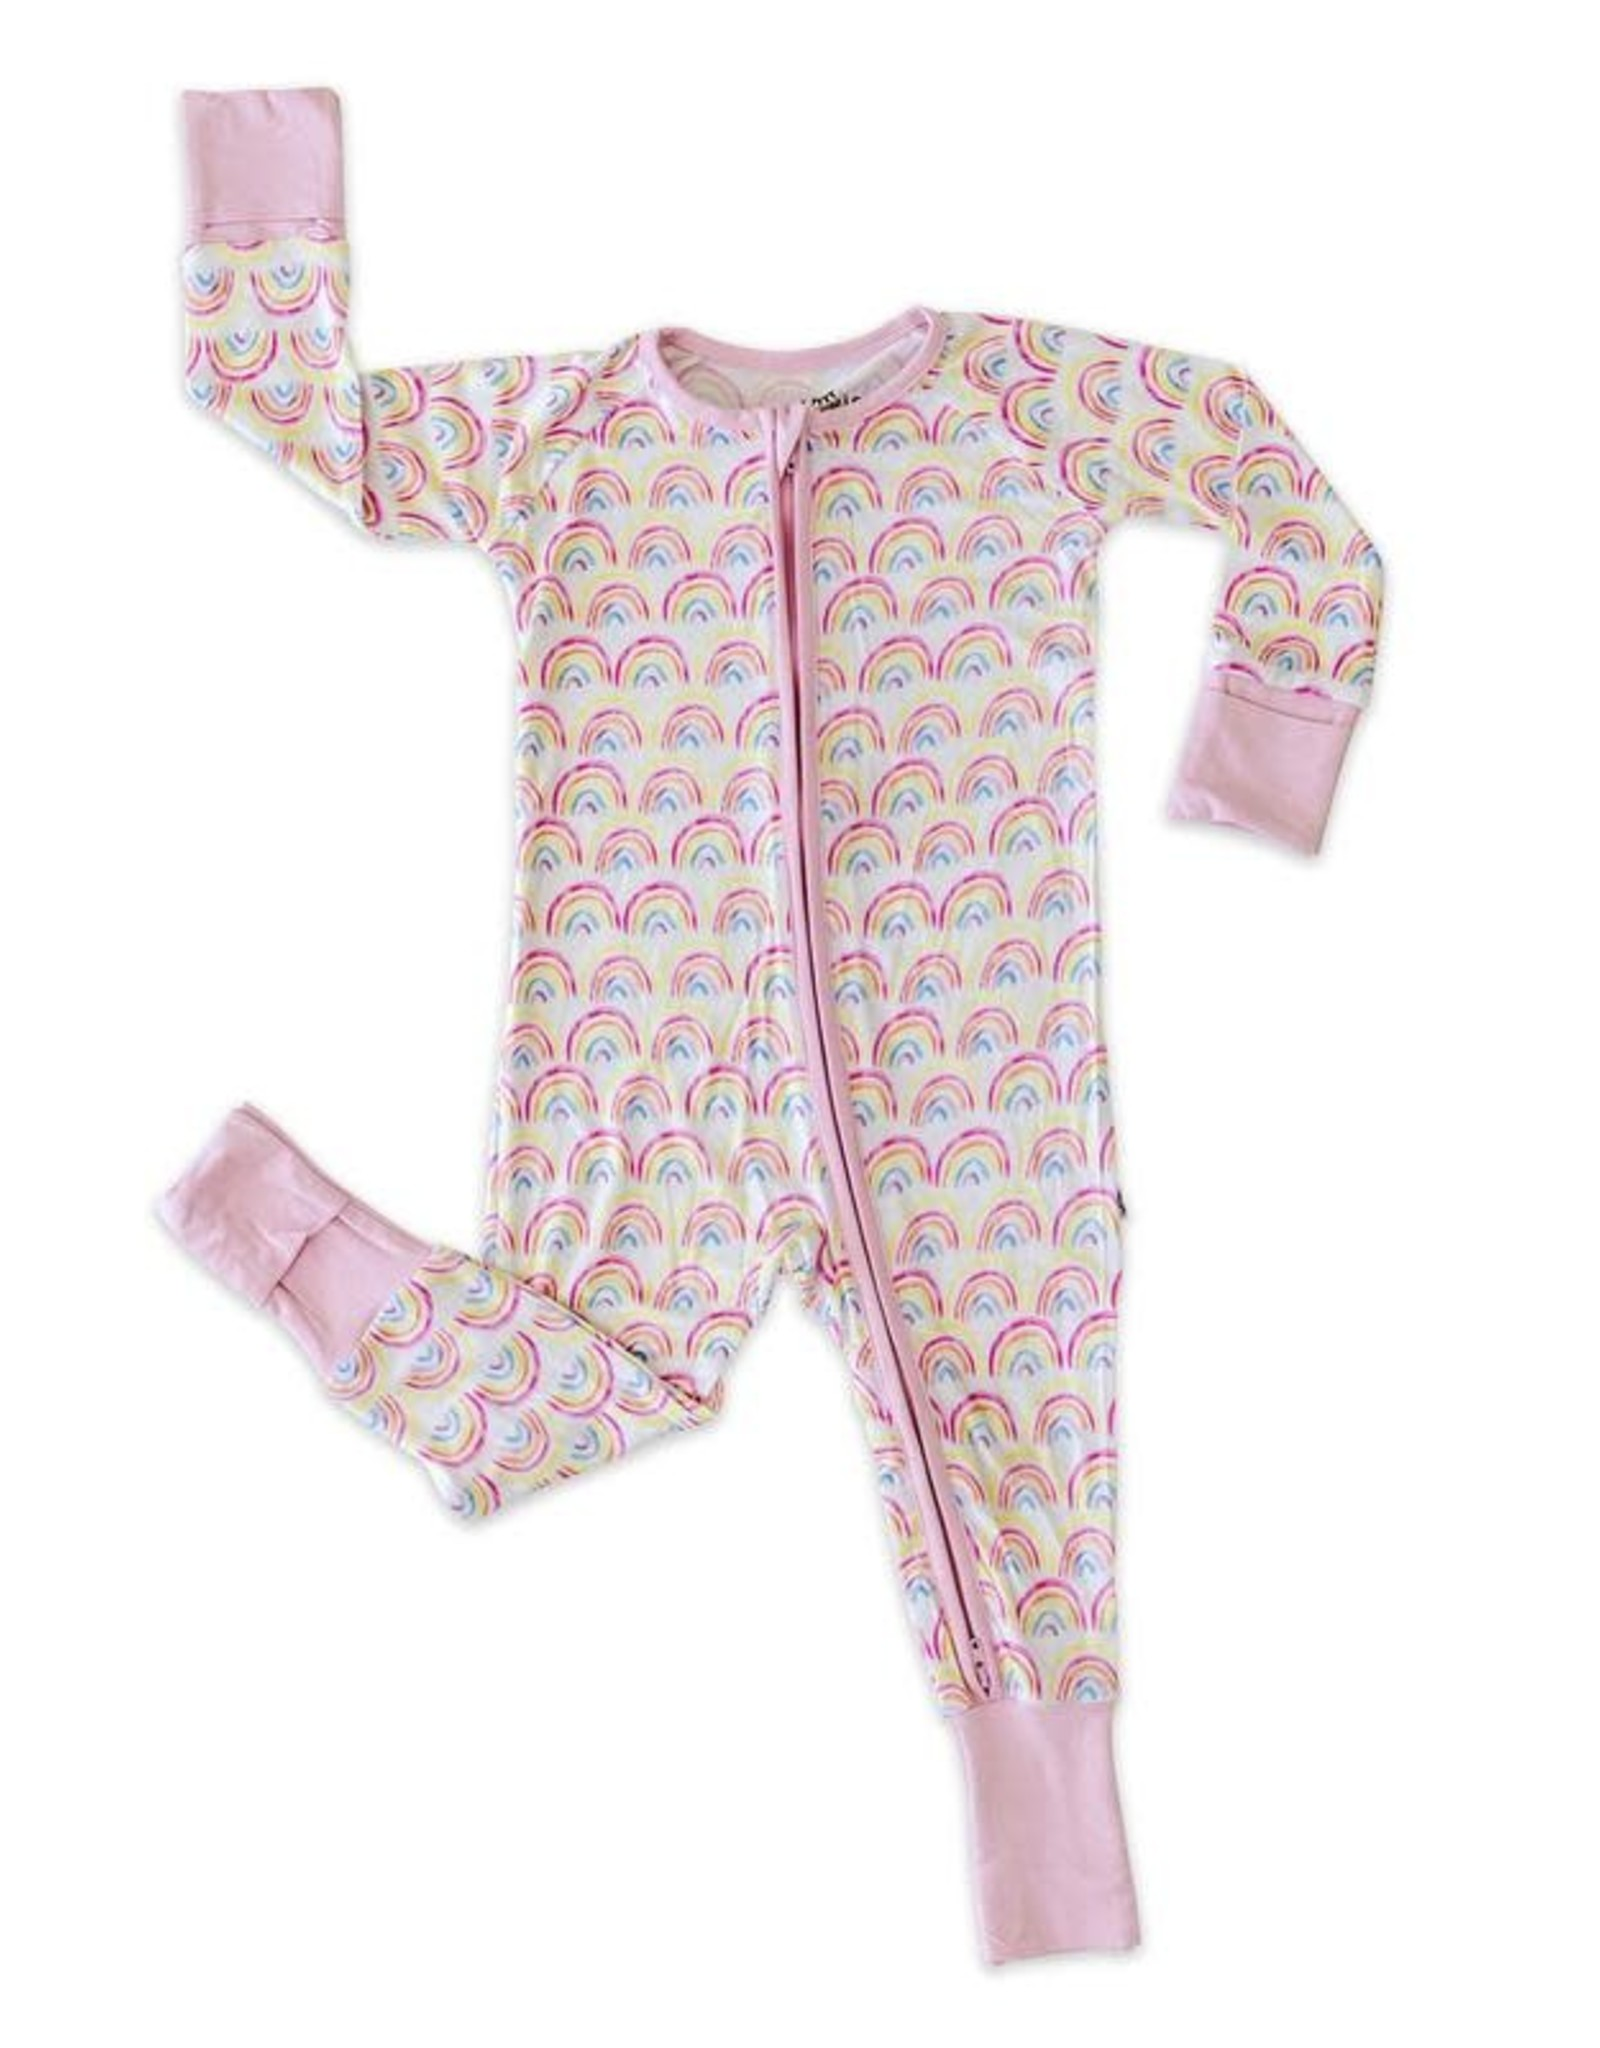 Little Sleepies pastel rainbows zippy